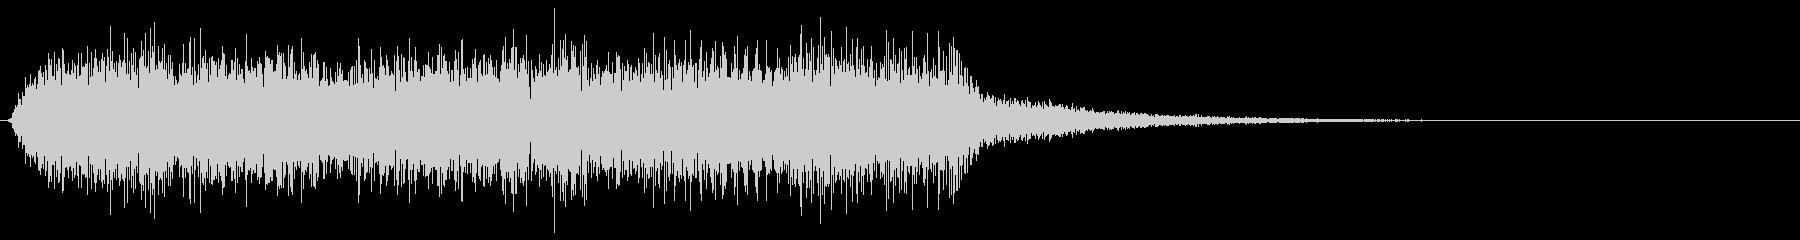 クールでミステリアスなゲームオーバー音の未再生の波形